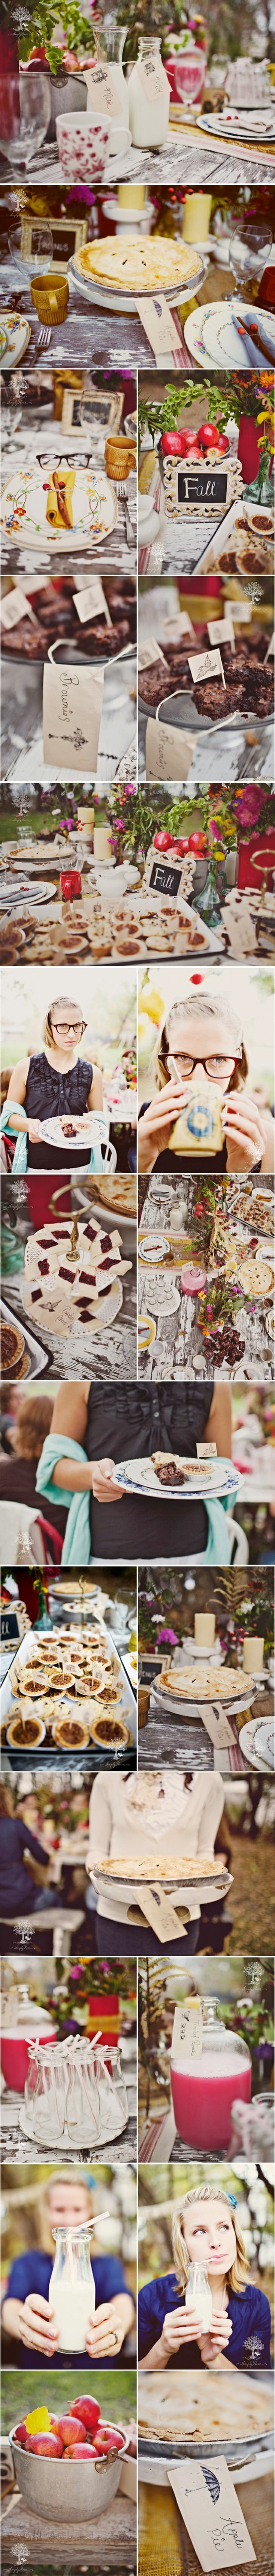 pie picnic